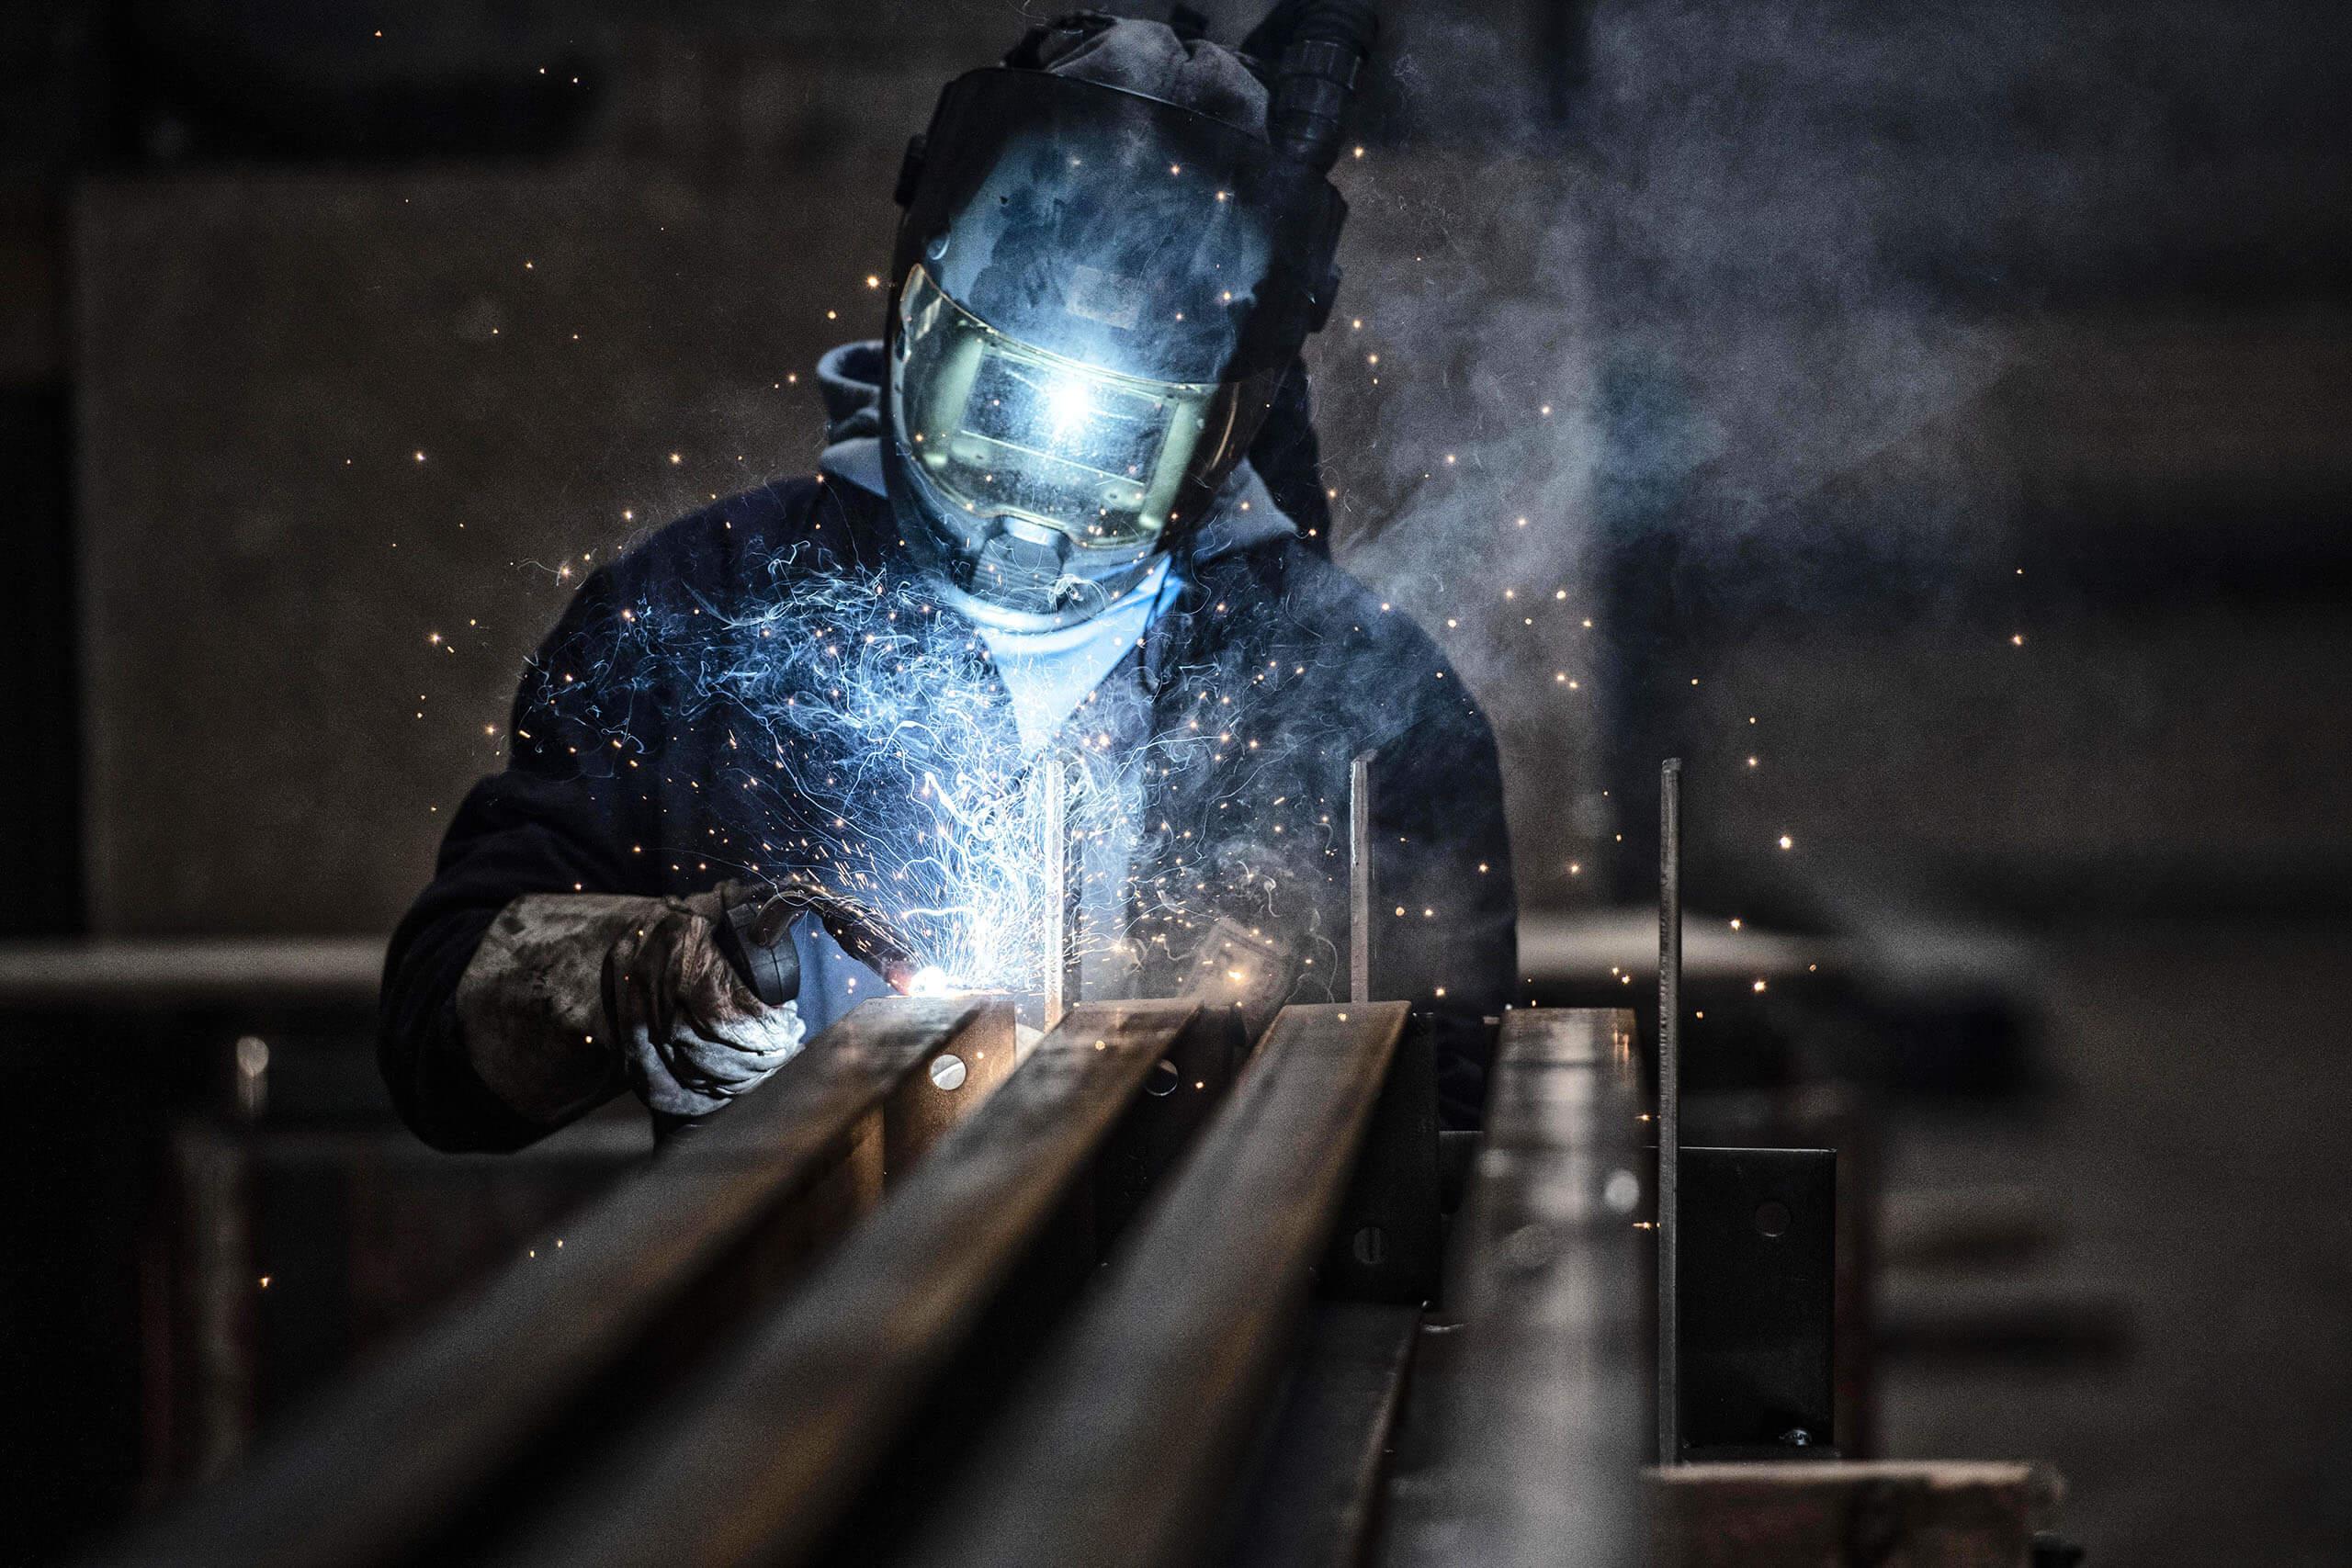 Ruel staalbedrijf reclamefotografie voor website bedrijfsreportage